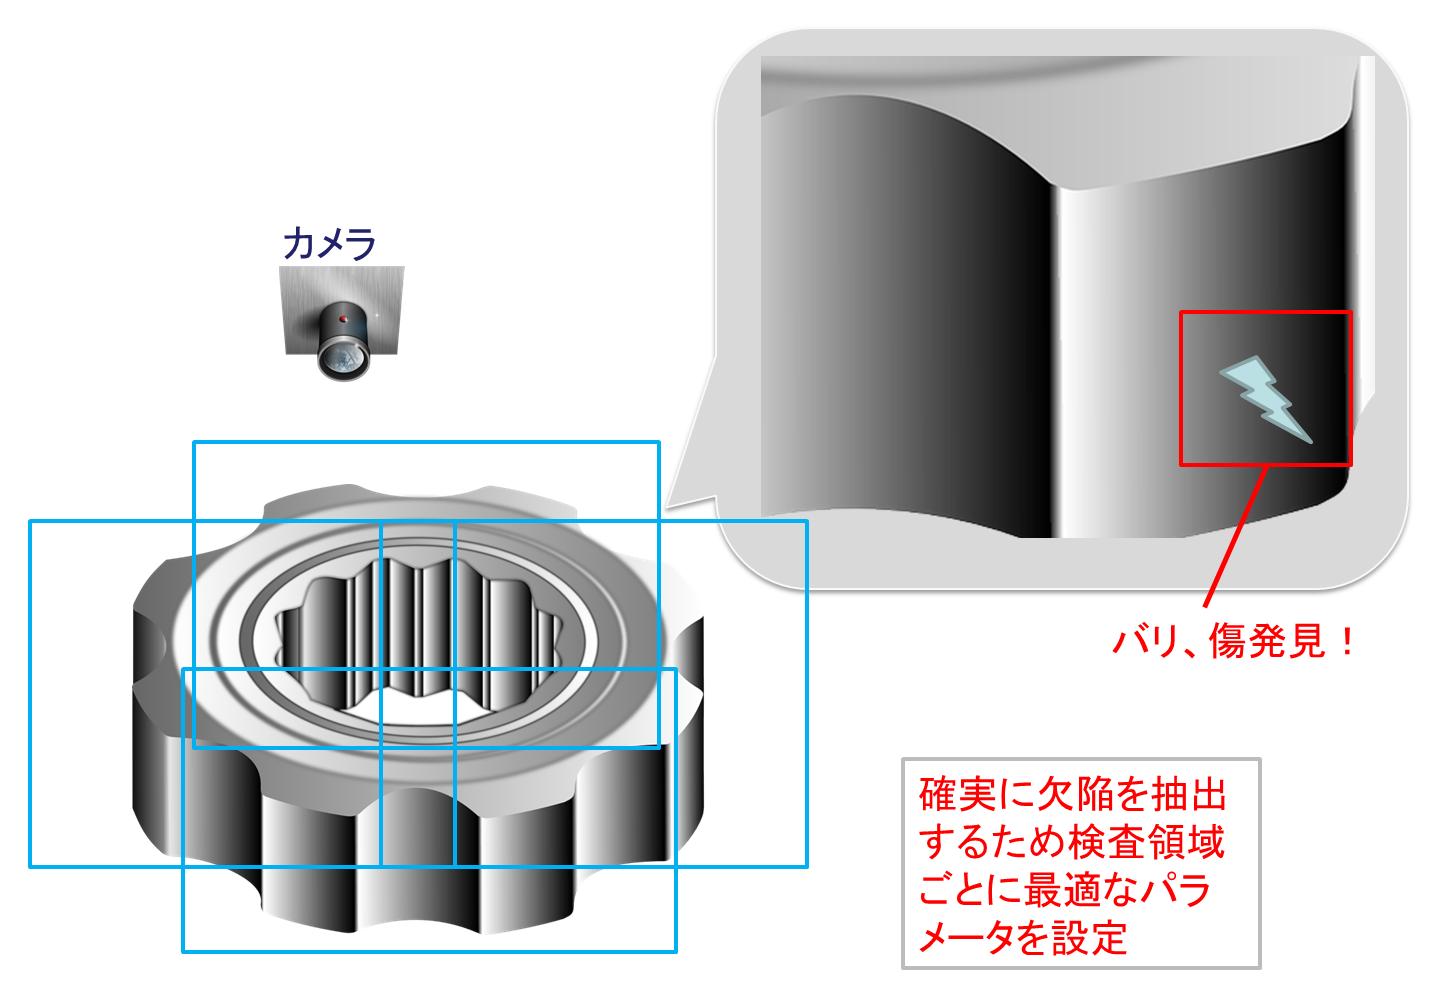 image_check03